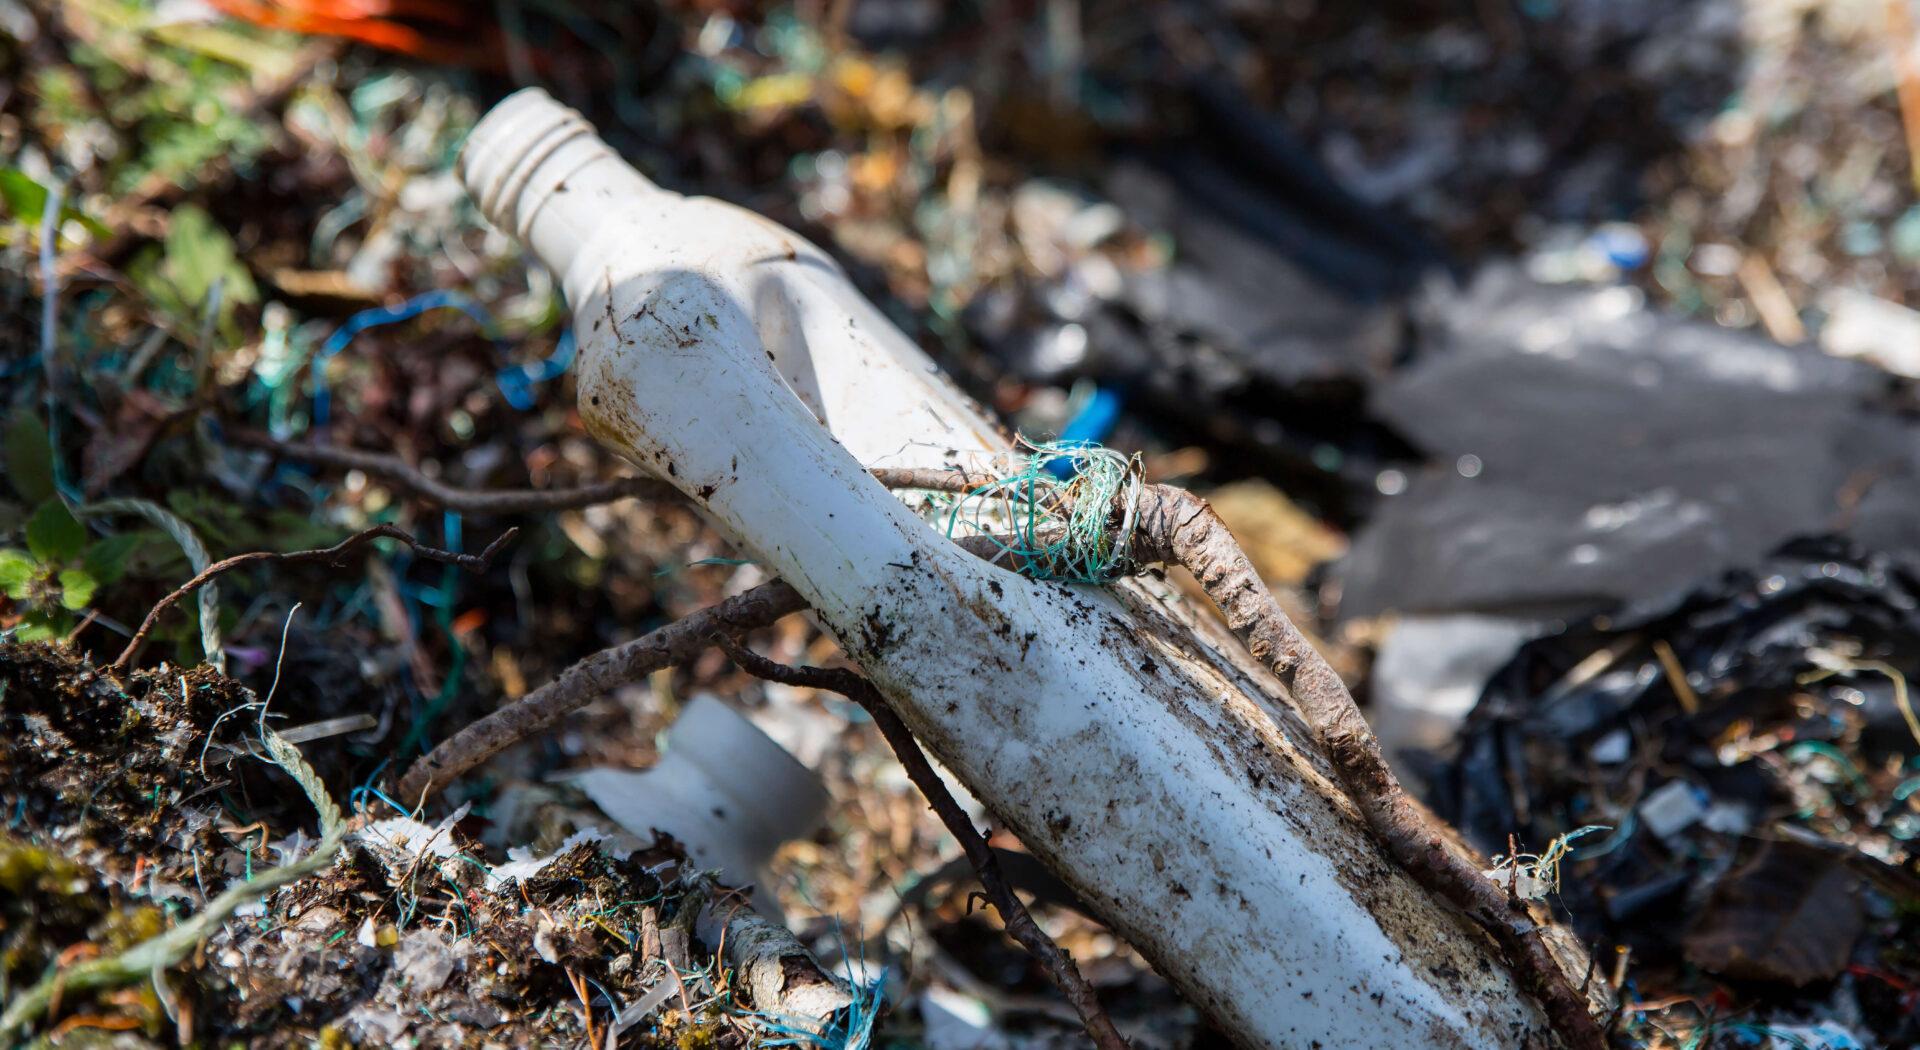 Rot vokst gjennom plastflaske